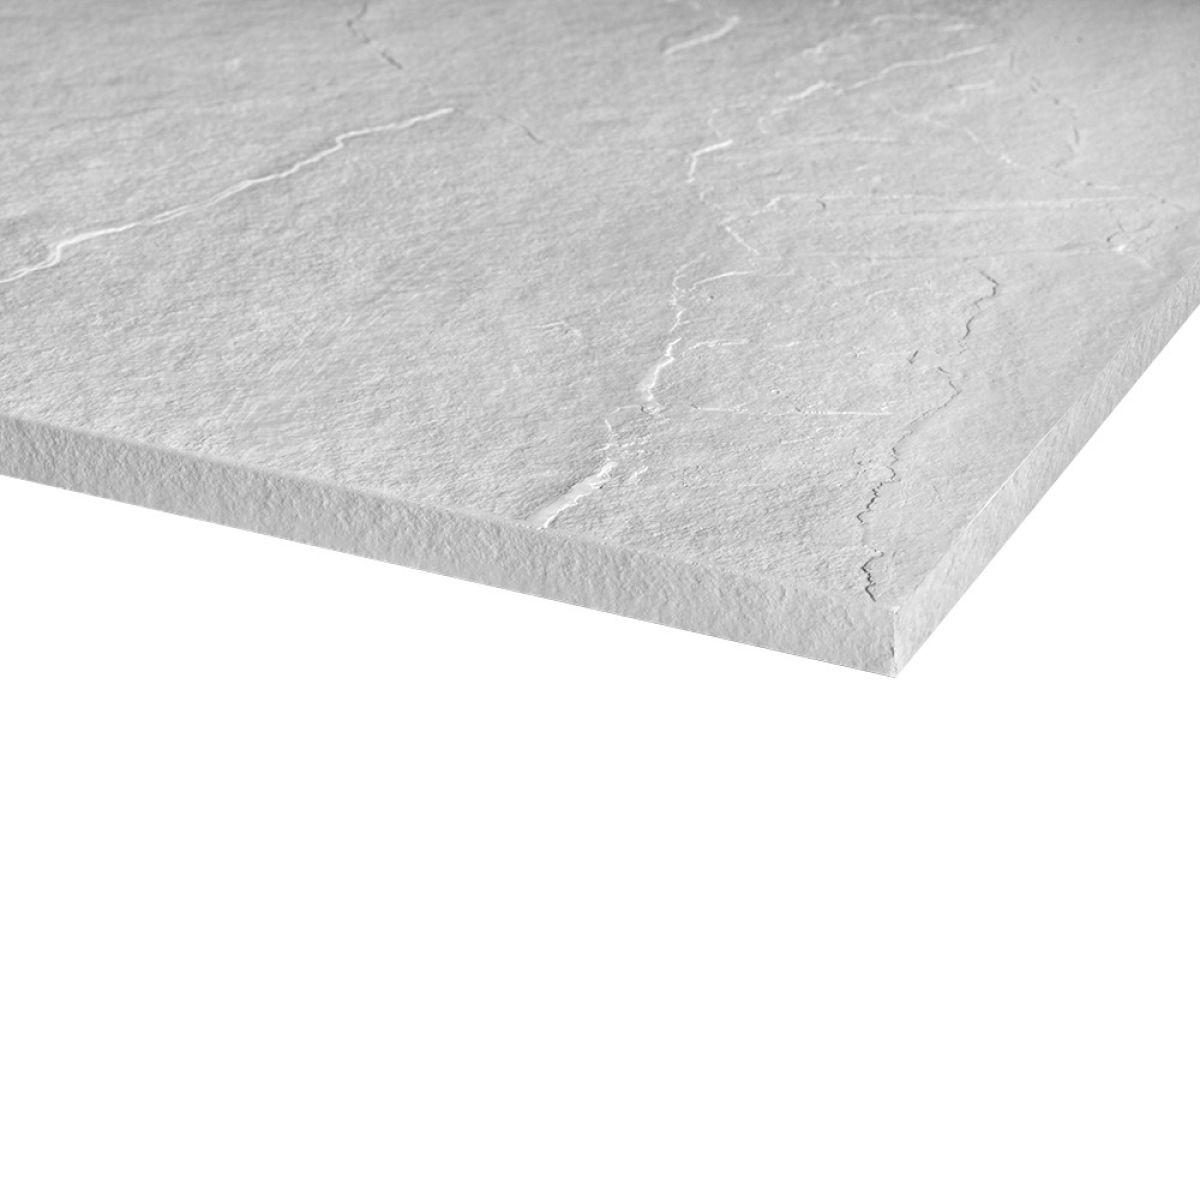 Merlyn Truestone Fossil Grey Rectangular Shower Tray 1400 x 800mm